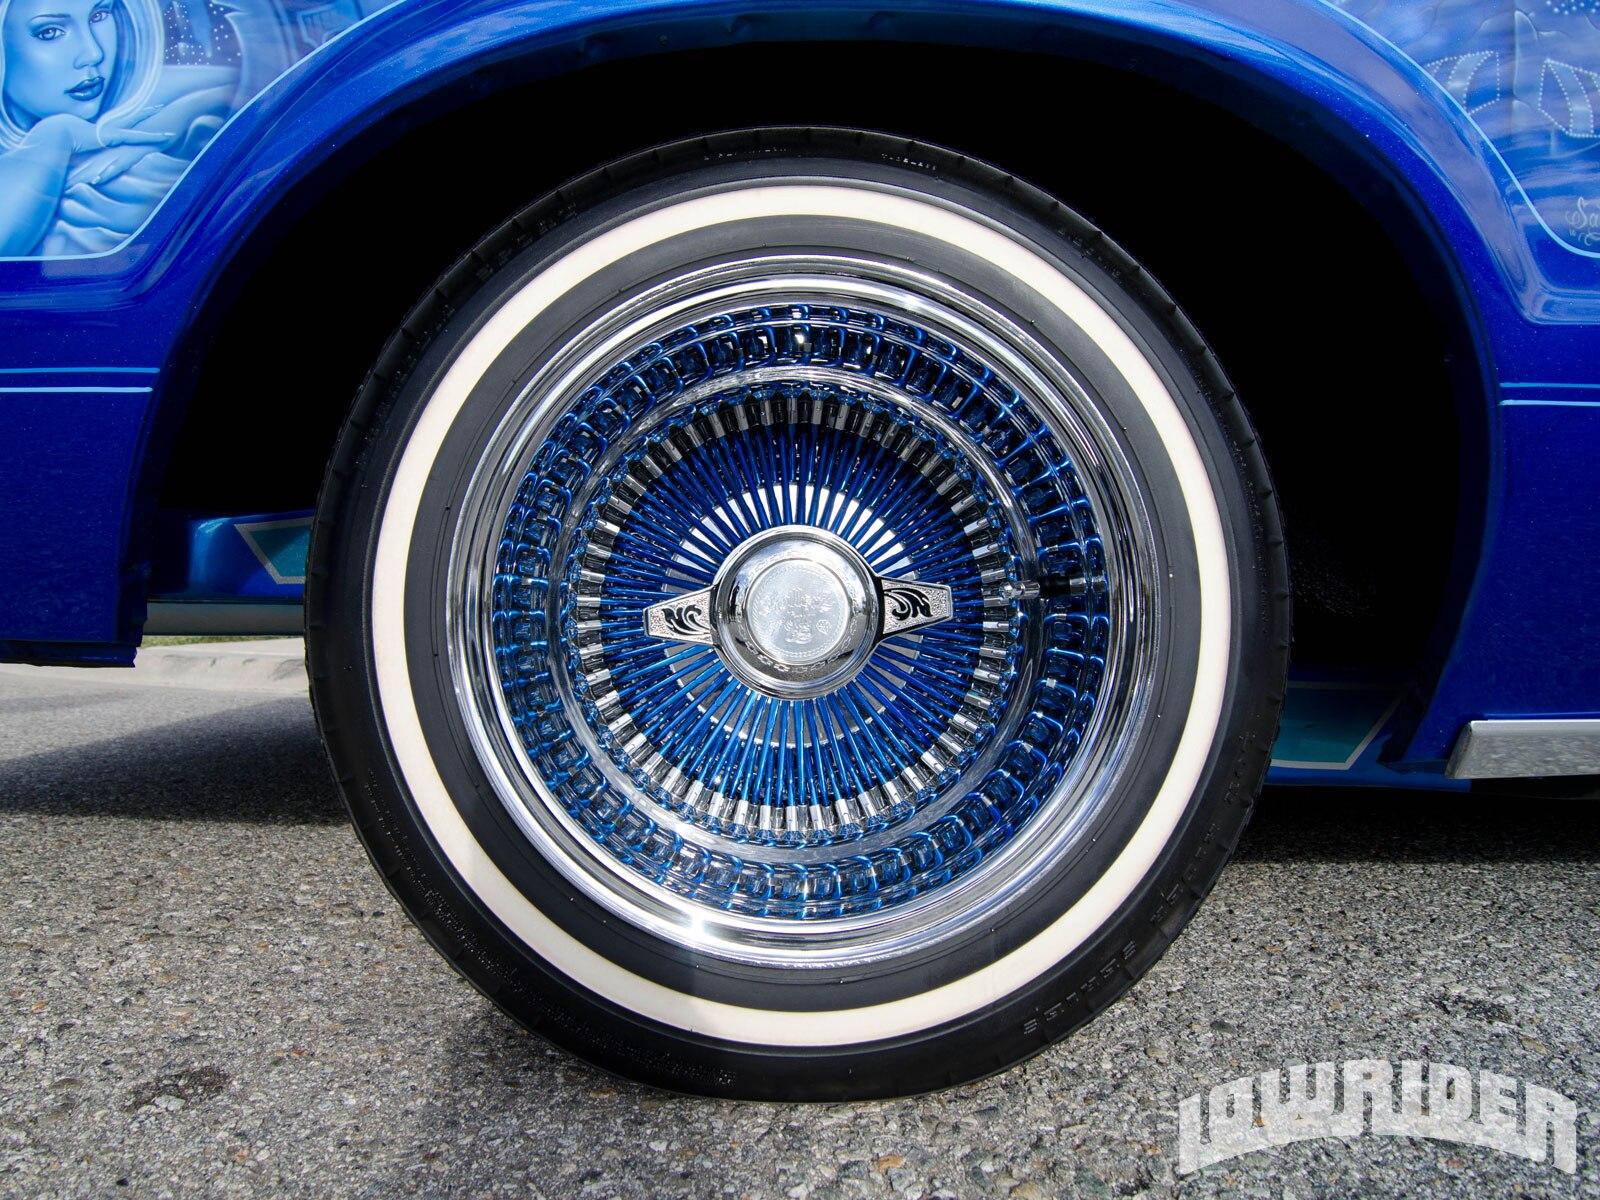 Inch Silverado Chevy 20 Tires